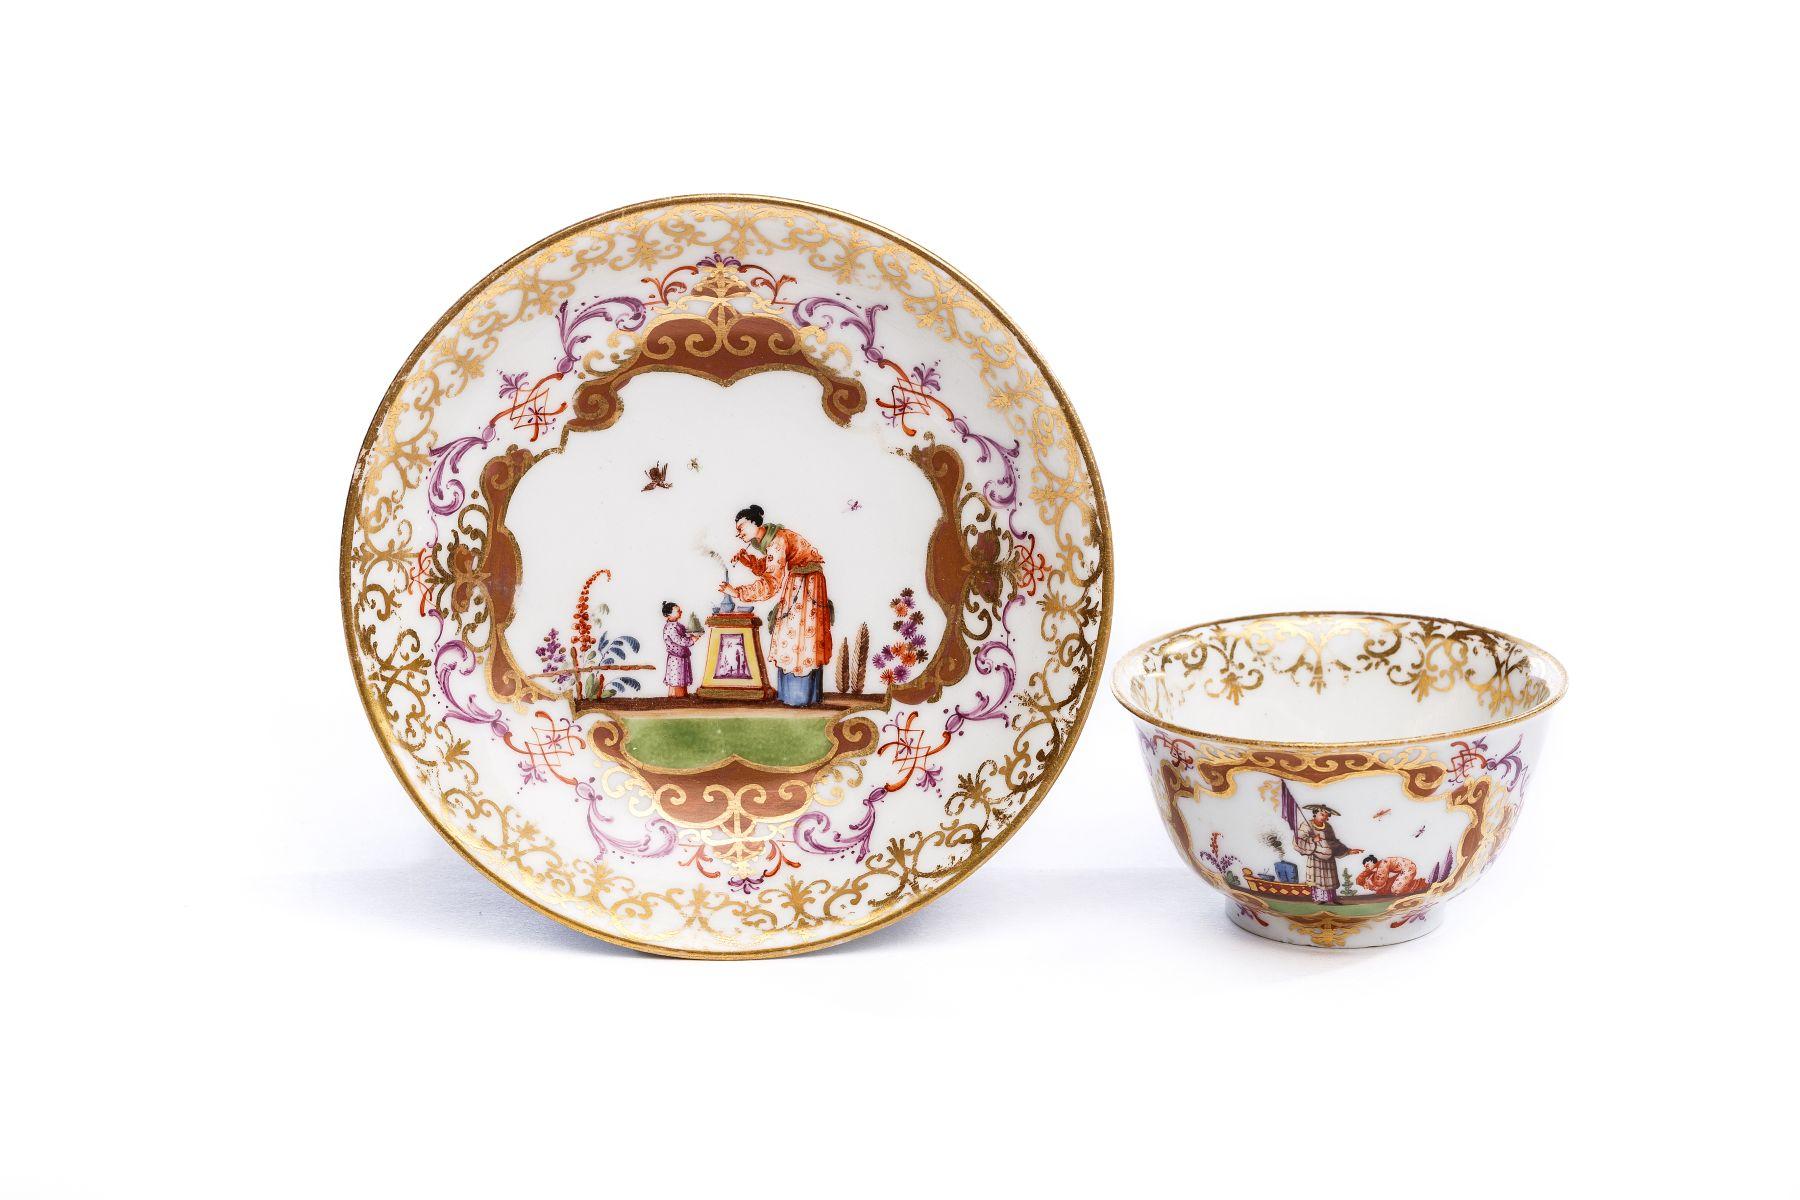 #43 Bowl with saucer, Meissen 1720/25 | Koppchen mit Unterschale, Meissen 1723/25 Image